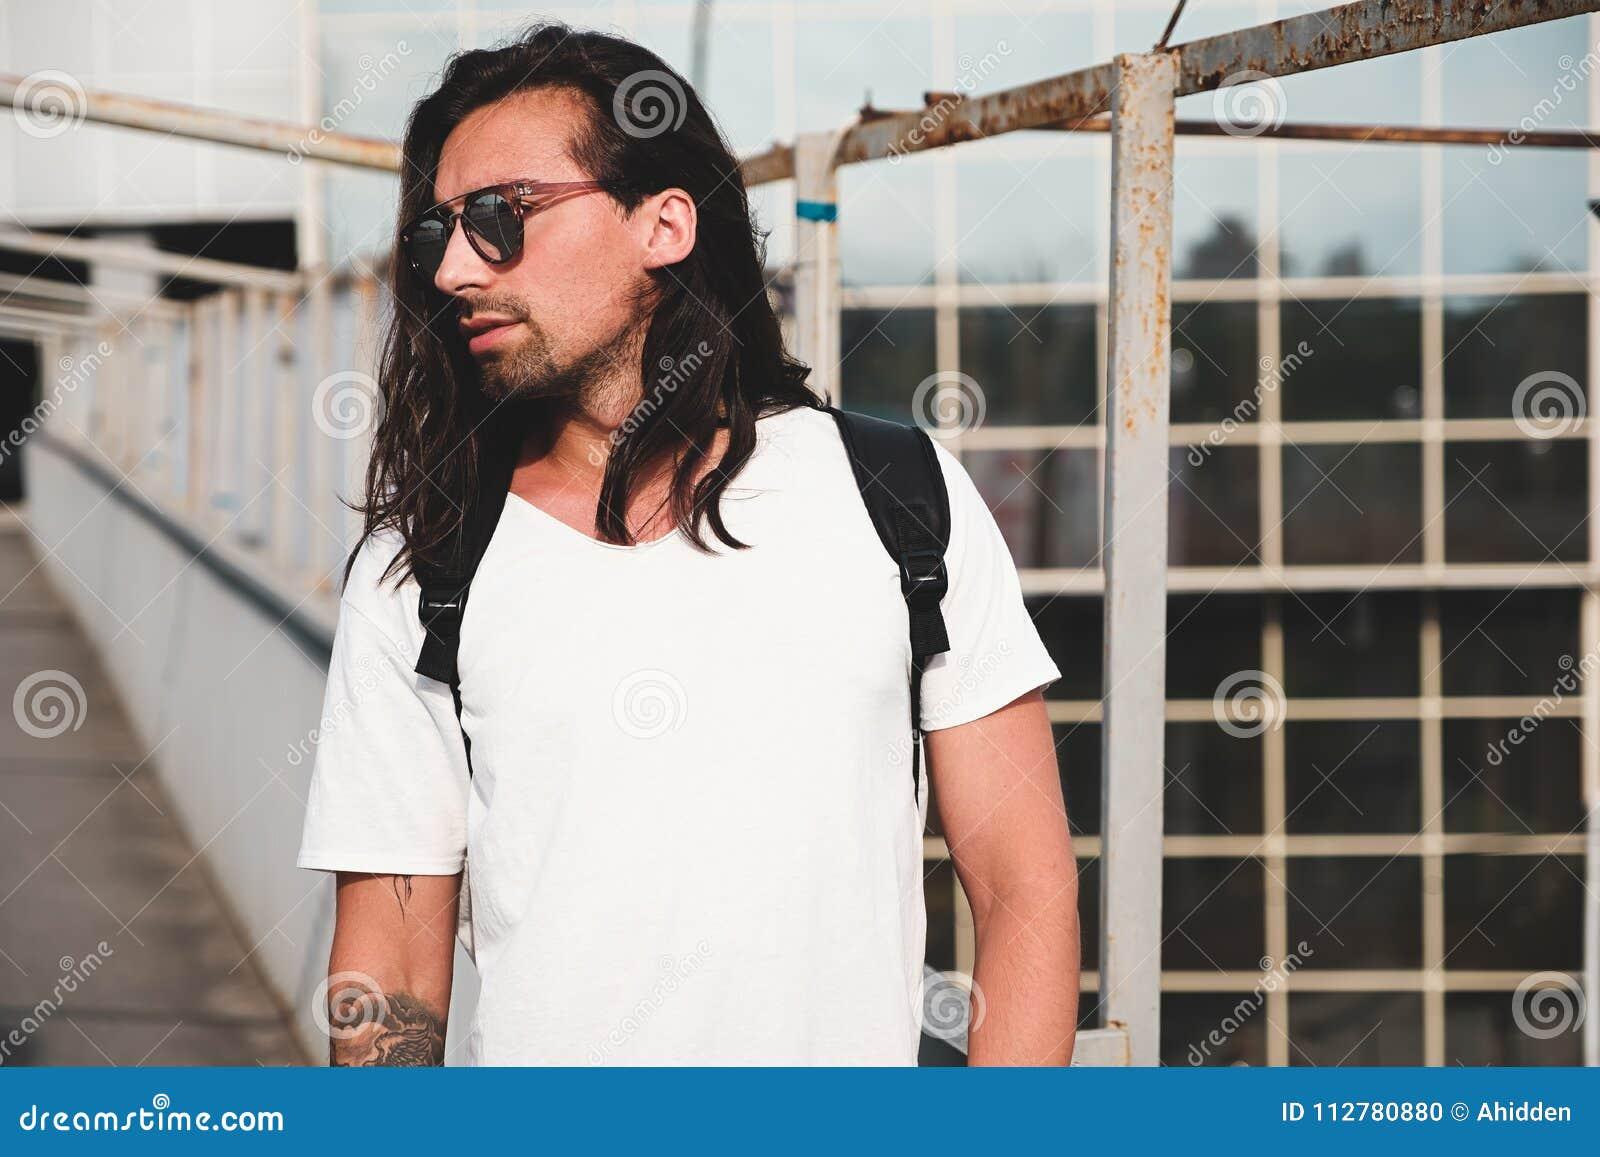 3117ff47ce Νέο ελκυστικό γενειοφόρο άτομο με τις δερματοστιξίες και τα μακρυμάλλη  φορώντας γυαλιά ηλίου